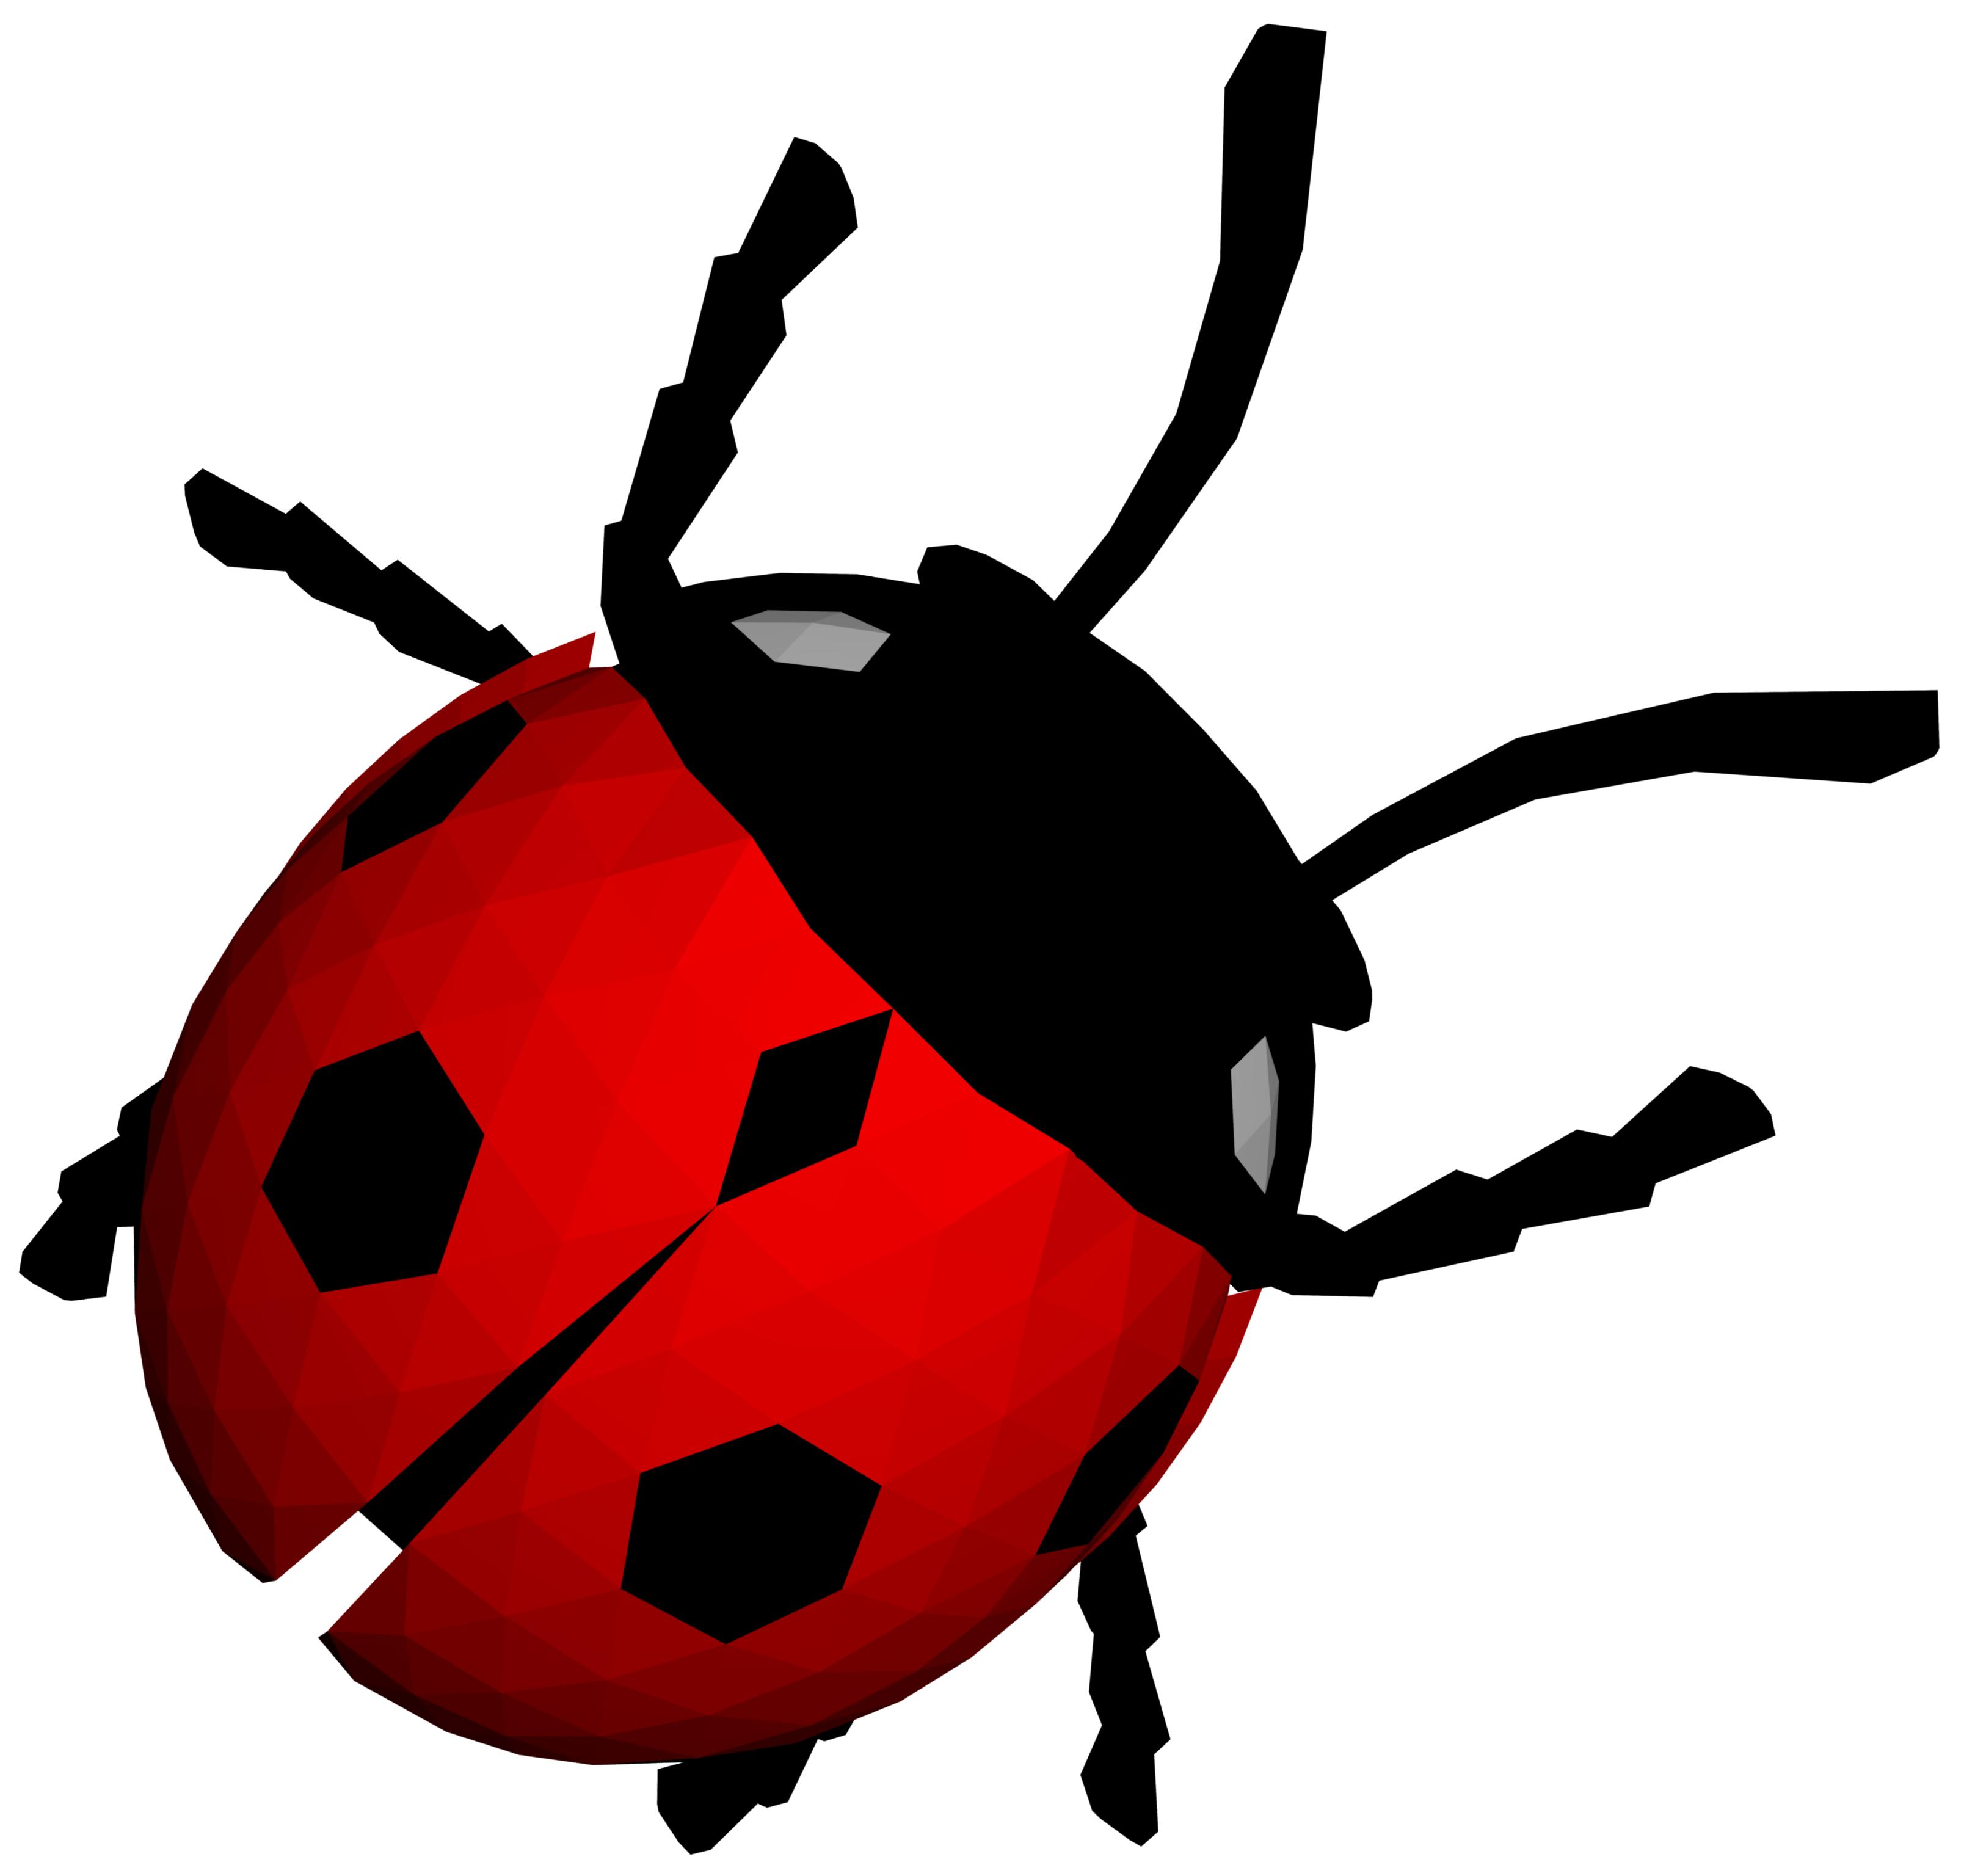 Ladybug clipart dead, Ladybug dead Transparent FREE for.